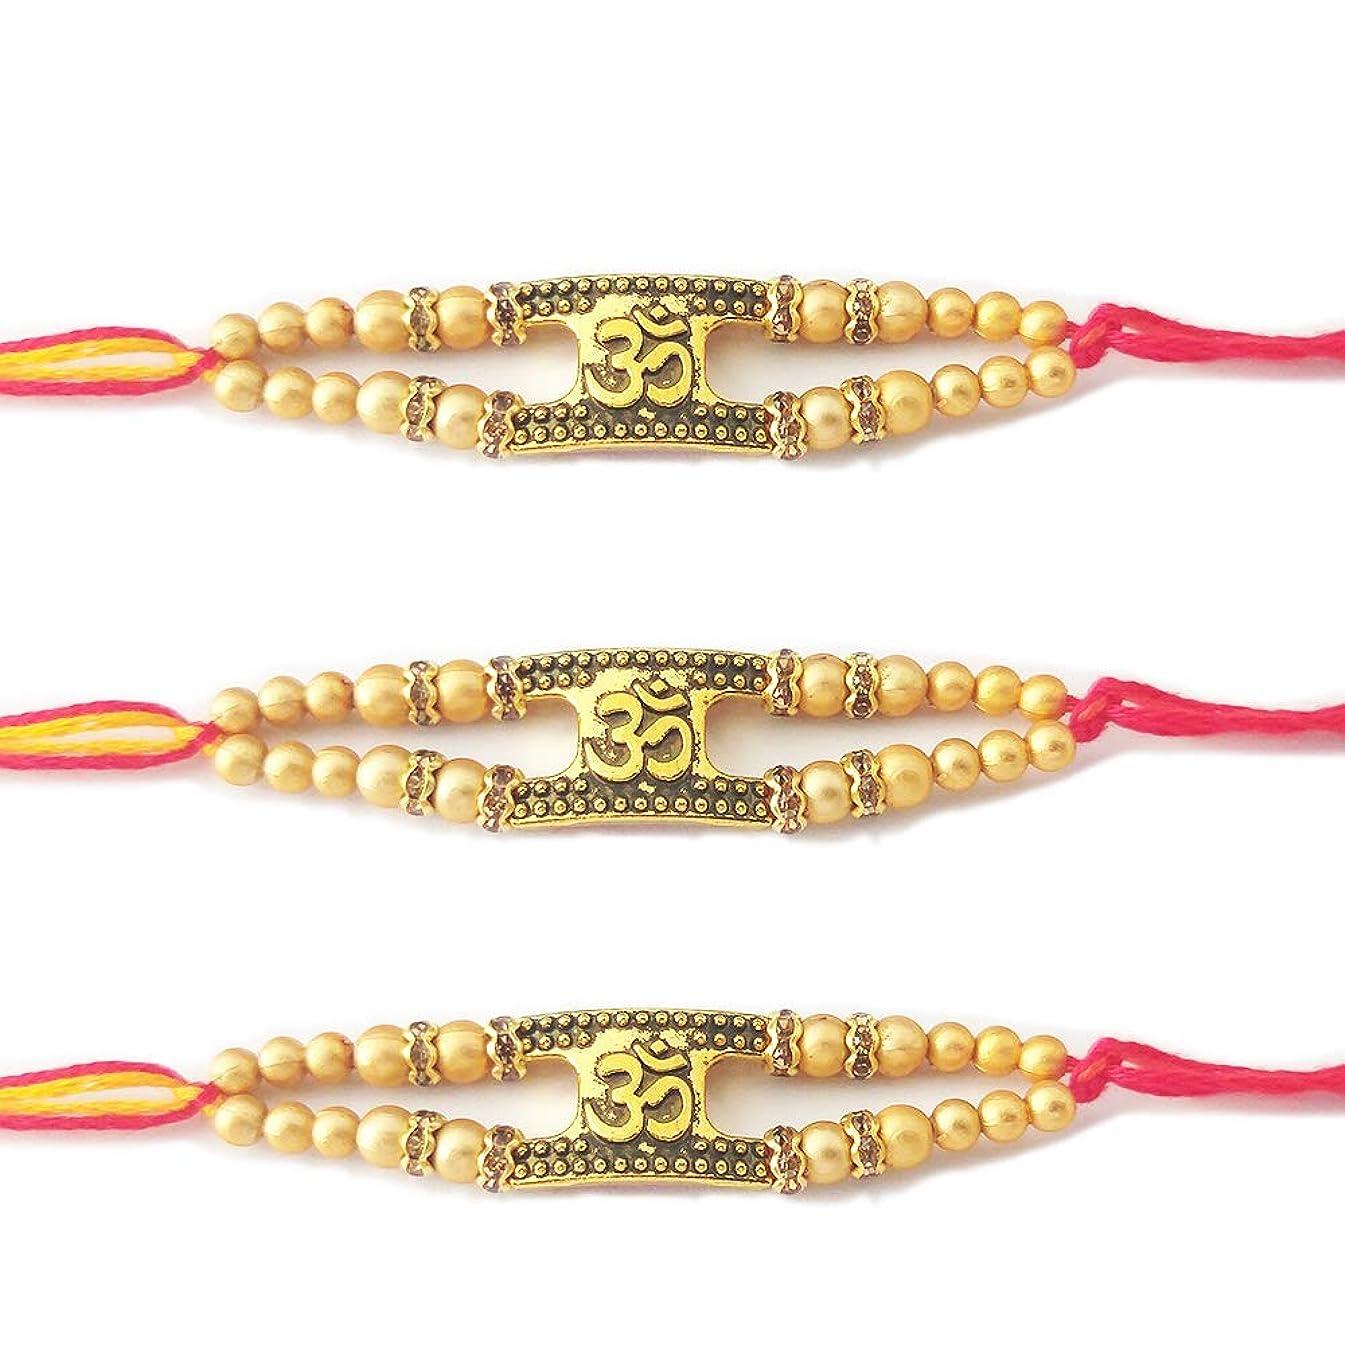 WhopperOnline Set of 3 Gold Plated OM with Golden Beads Designer Rakhi Thread Bracelet, Raksha Bandhan Gift Set for Brothers and Loved Ones - Assorted